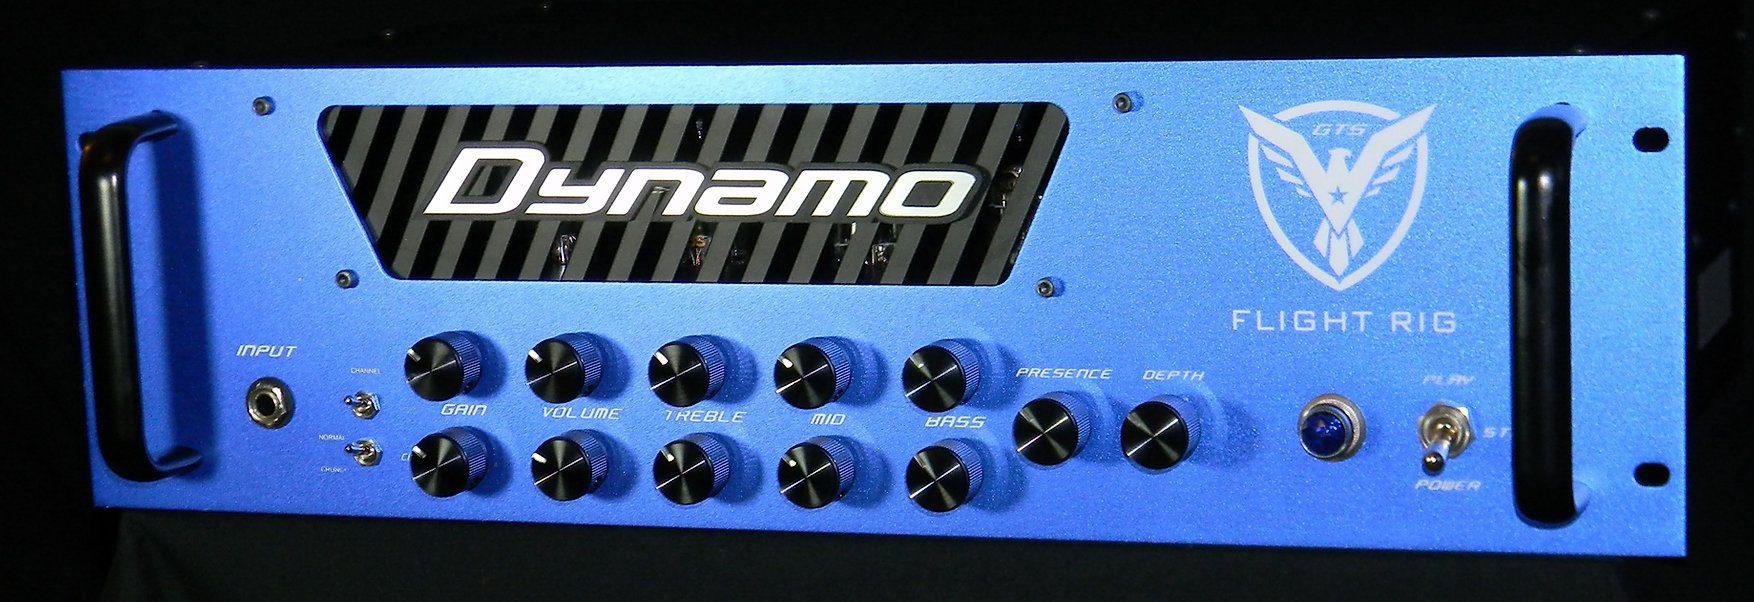 Dynamo Flight Rig Amp Verstärker Front